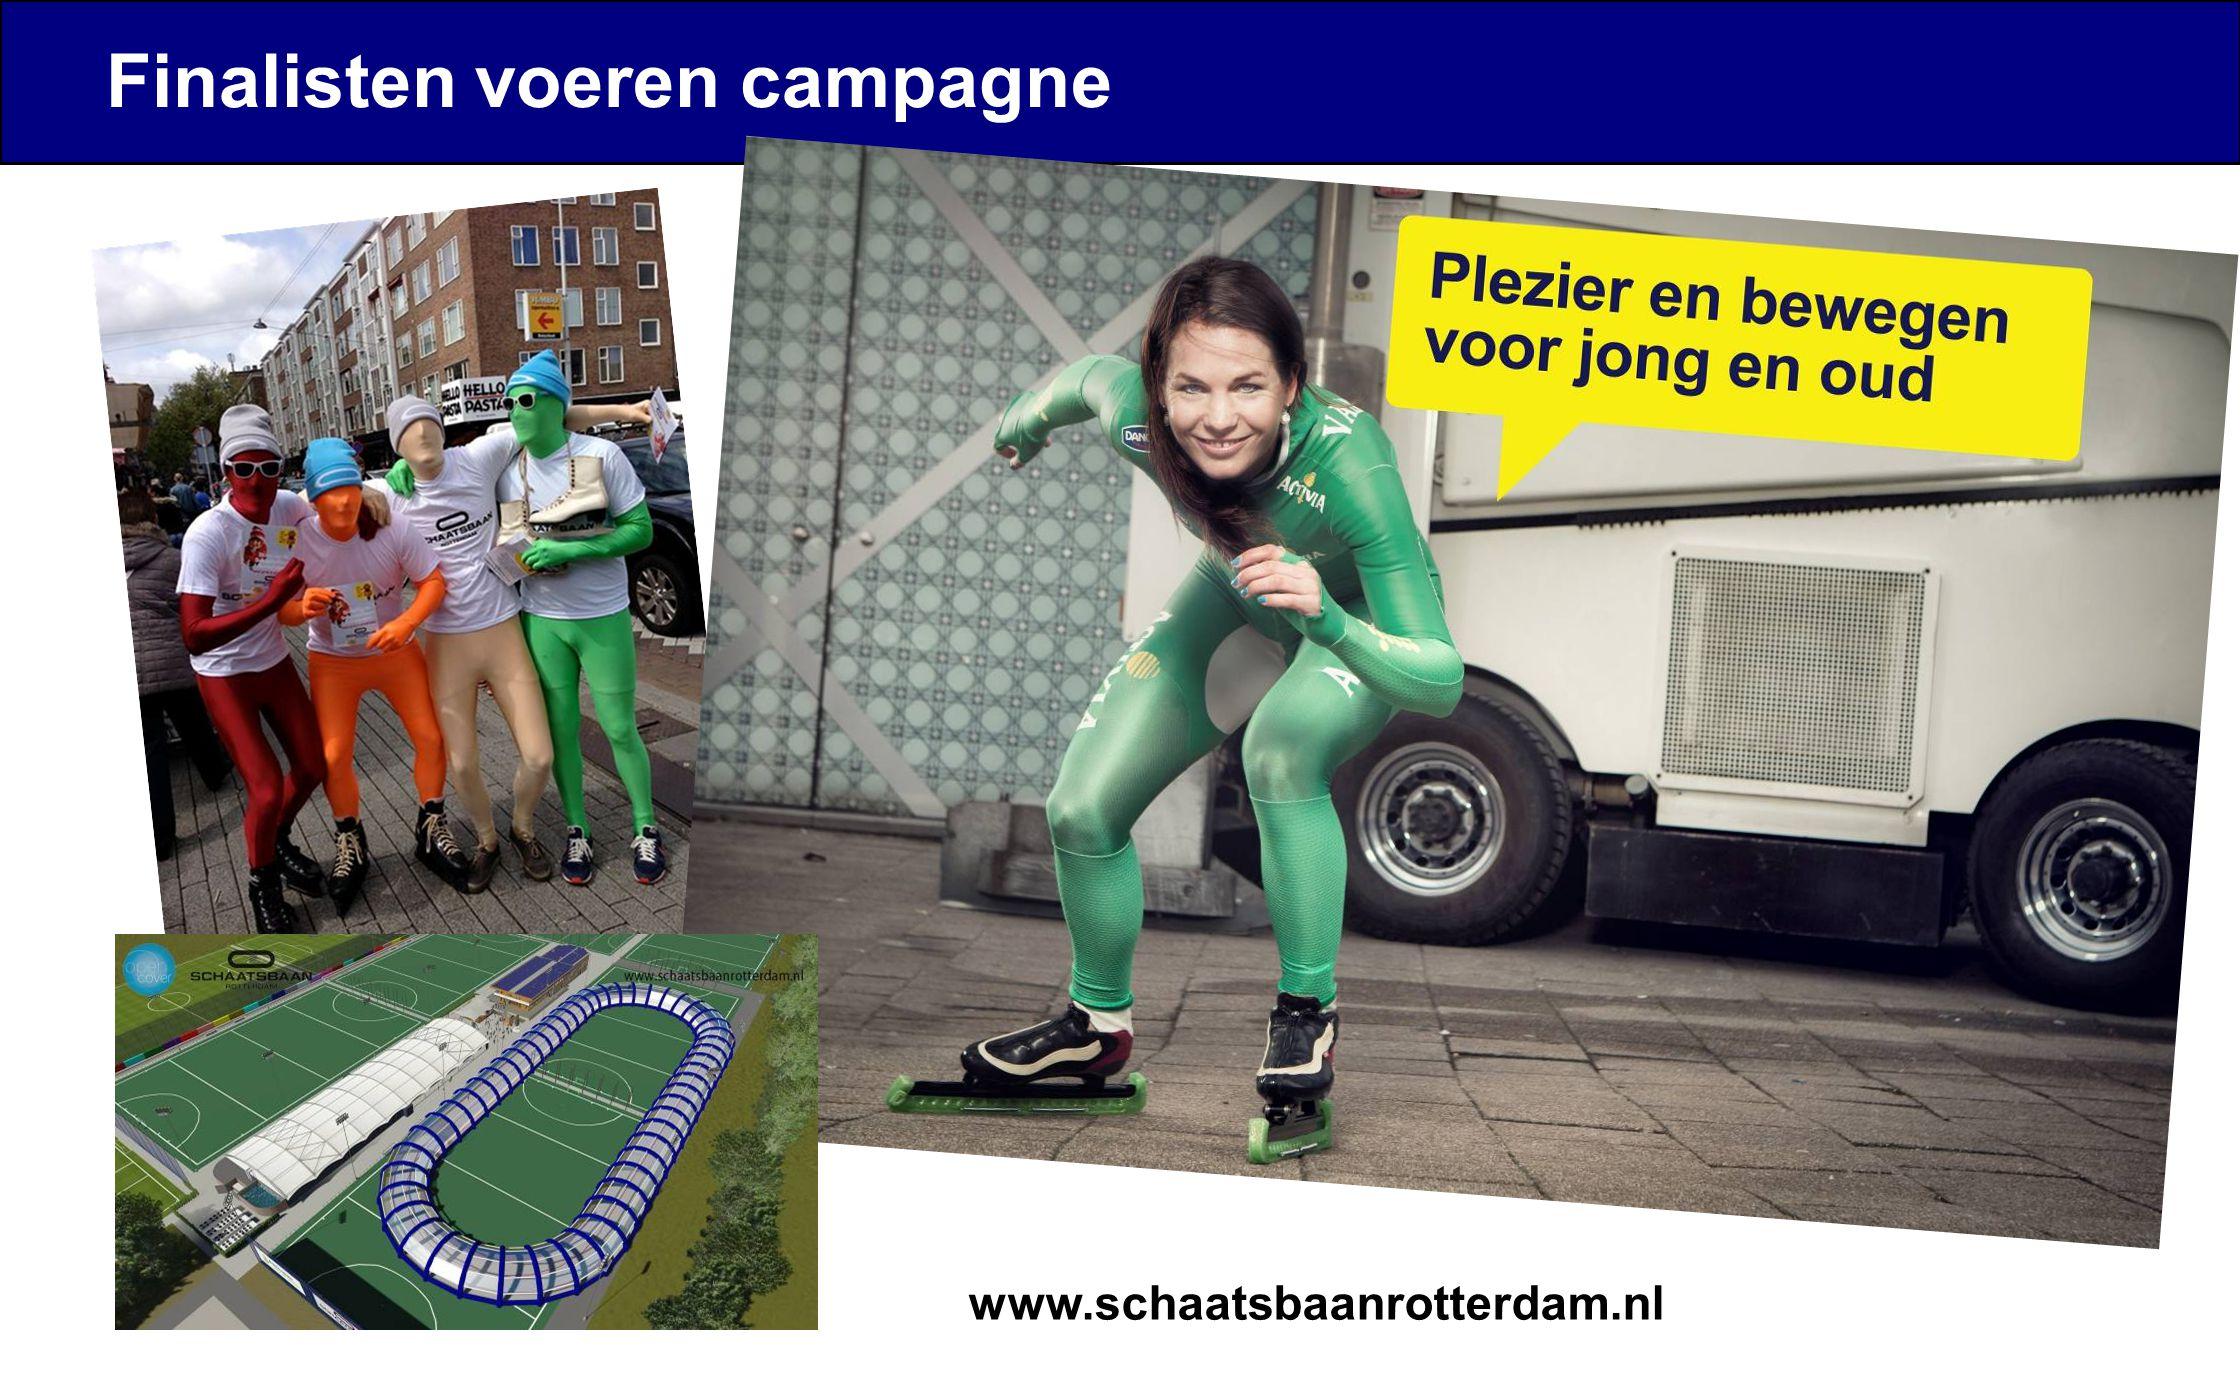 Finalisten voeren campagne www.schaatsbaanrotterdam.nl